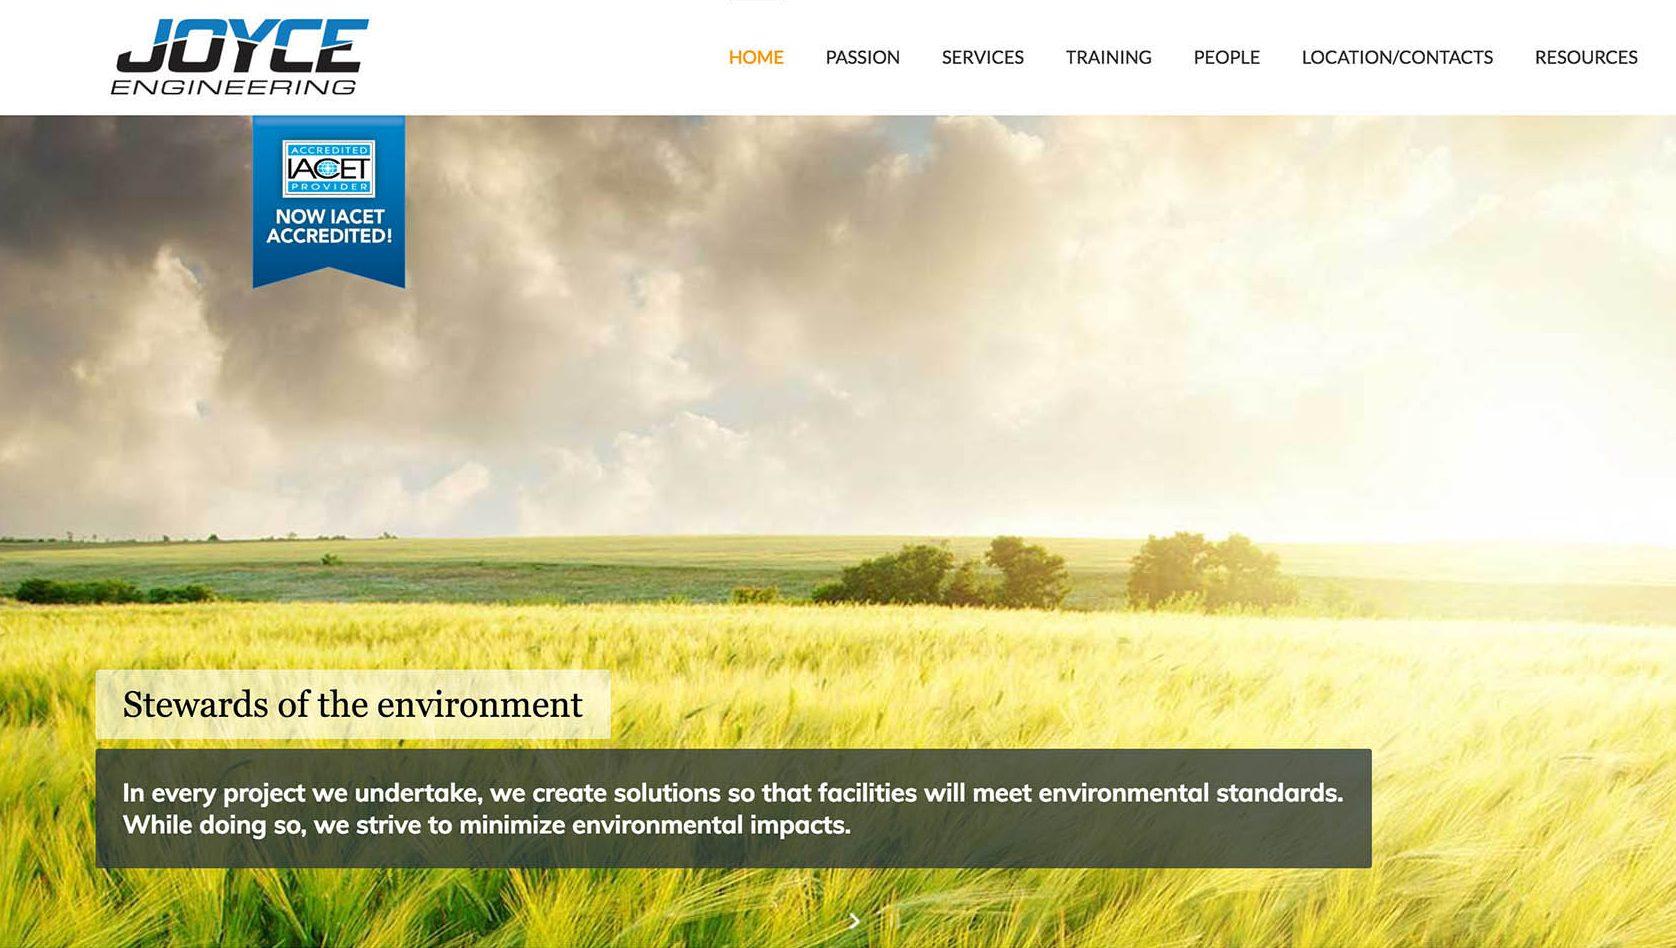 Joyce Engineering Website